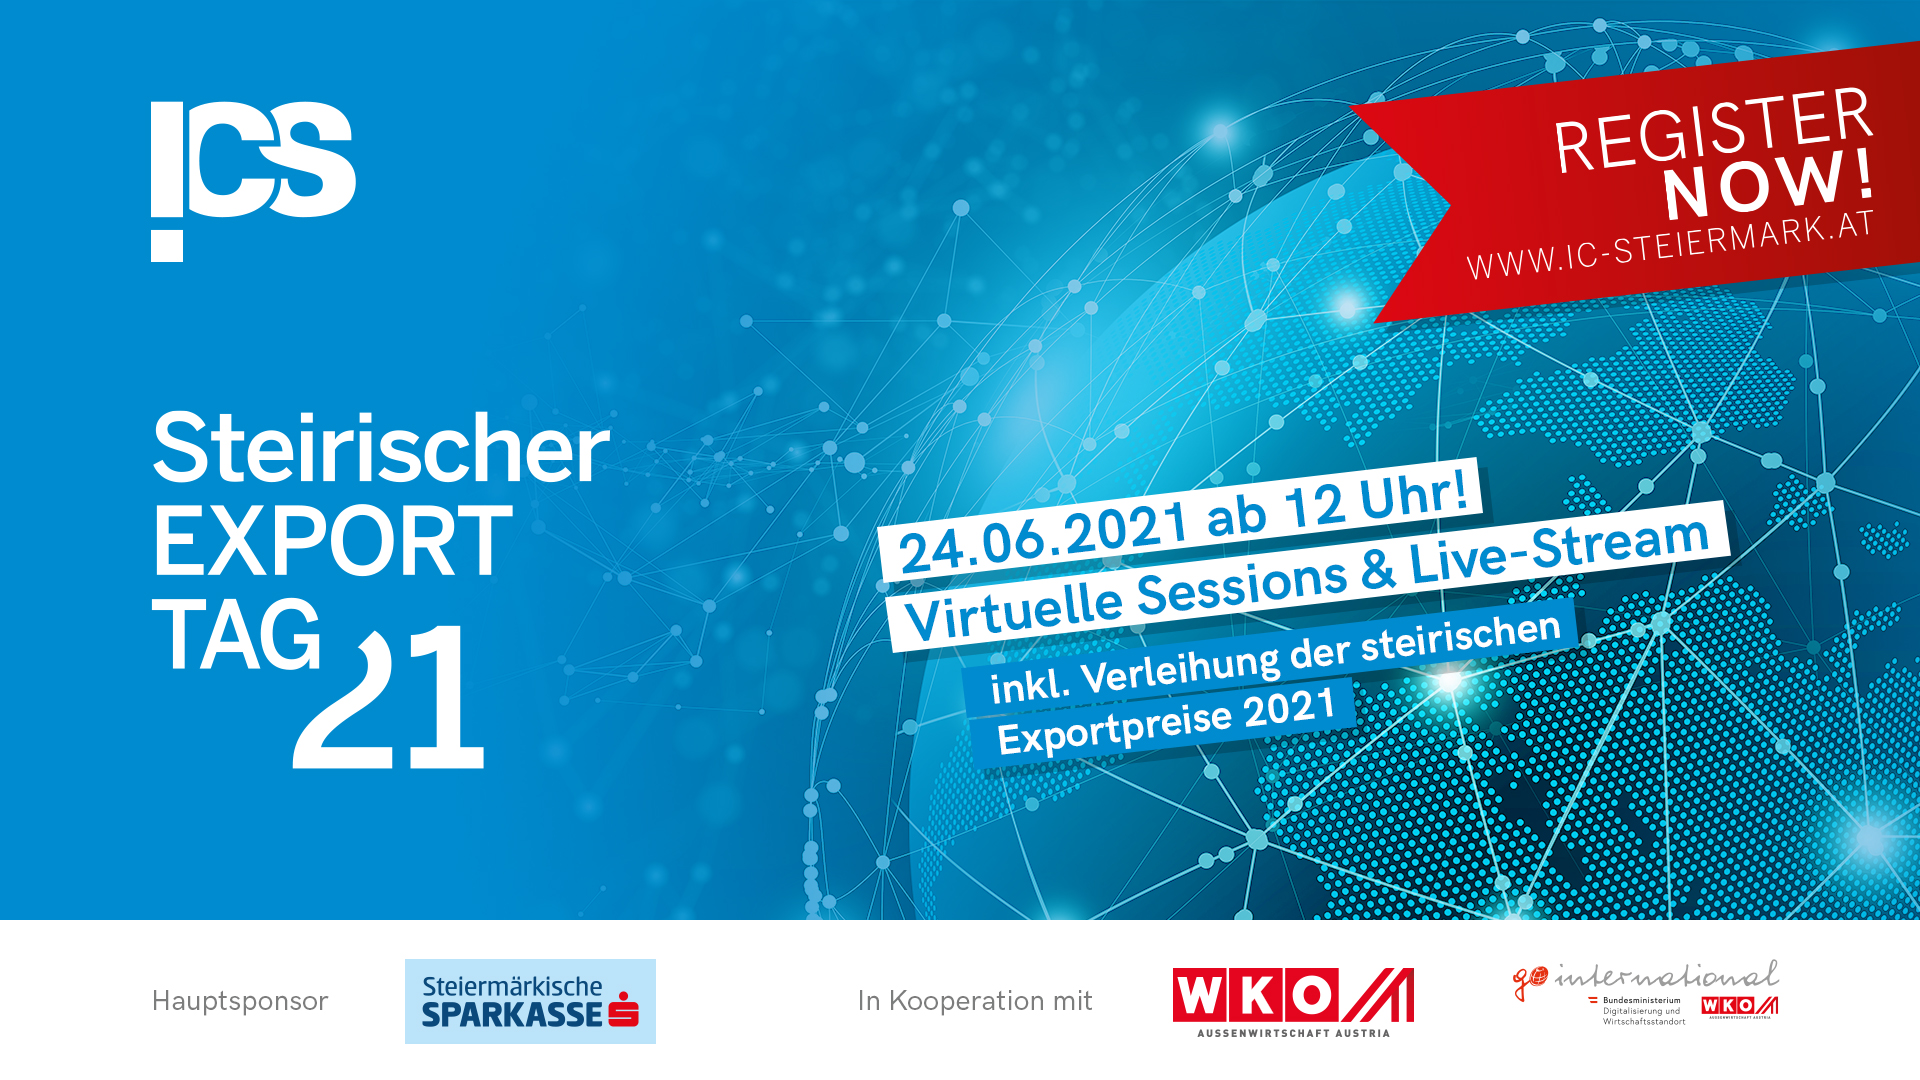 Steirischer EXPORTTAG 2021